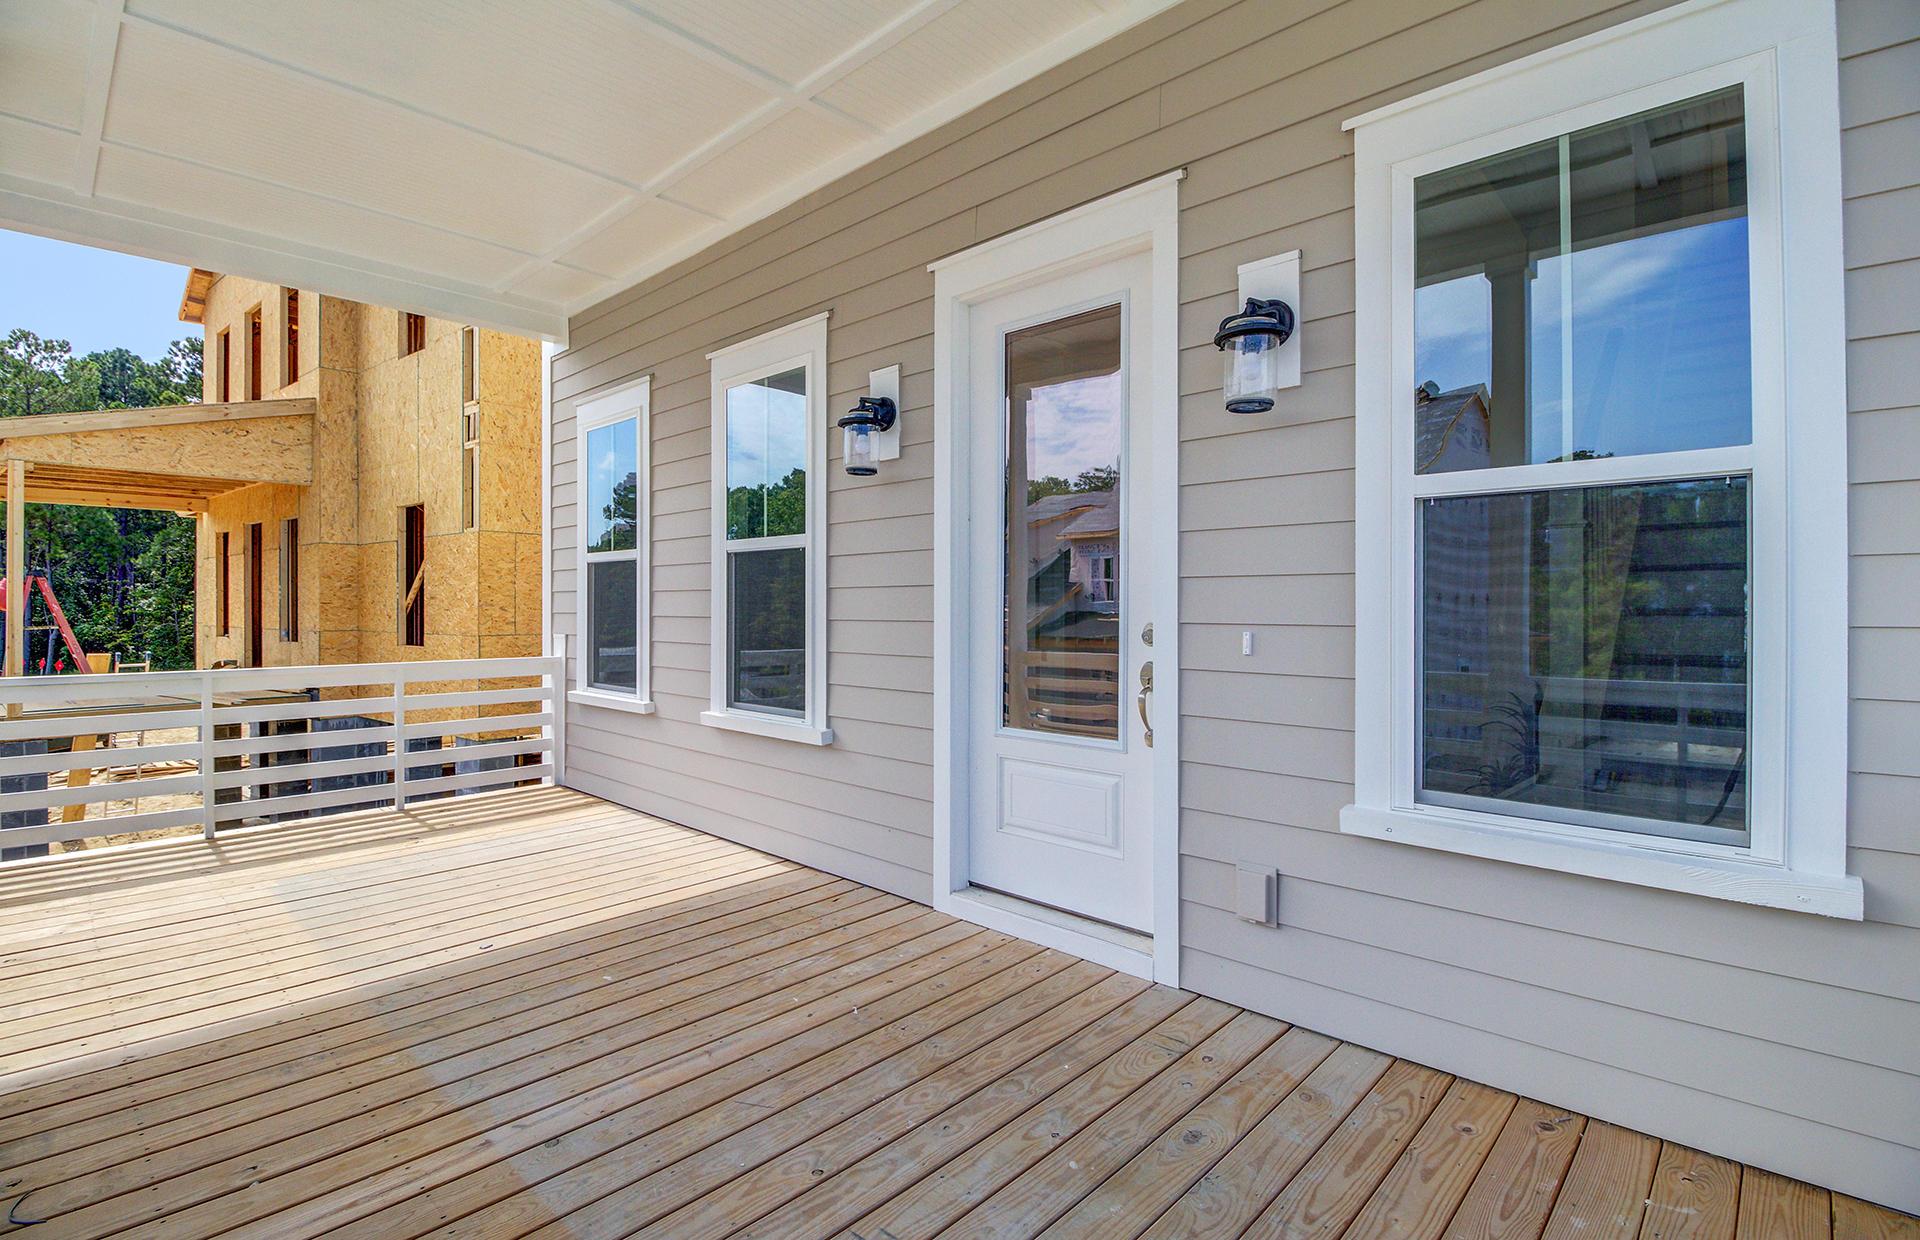 Fulton Park Homes For Sale - 2441 Giles, Mount Pleasant, SC - 22